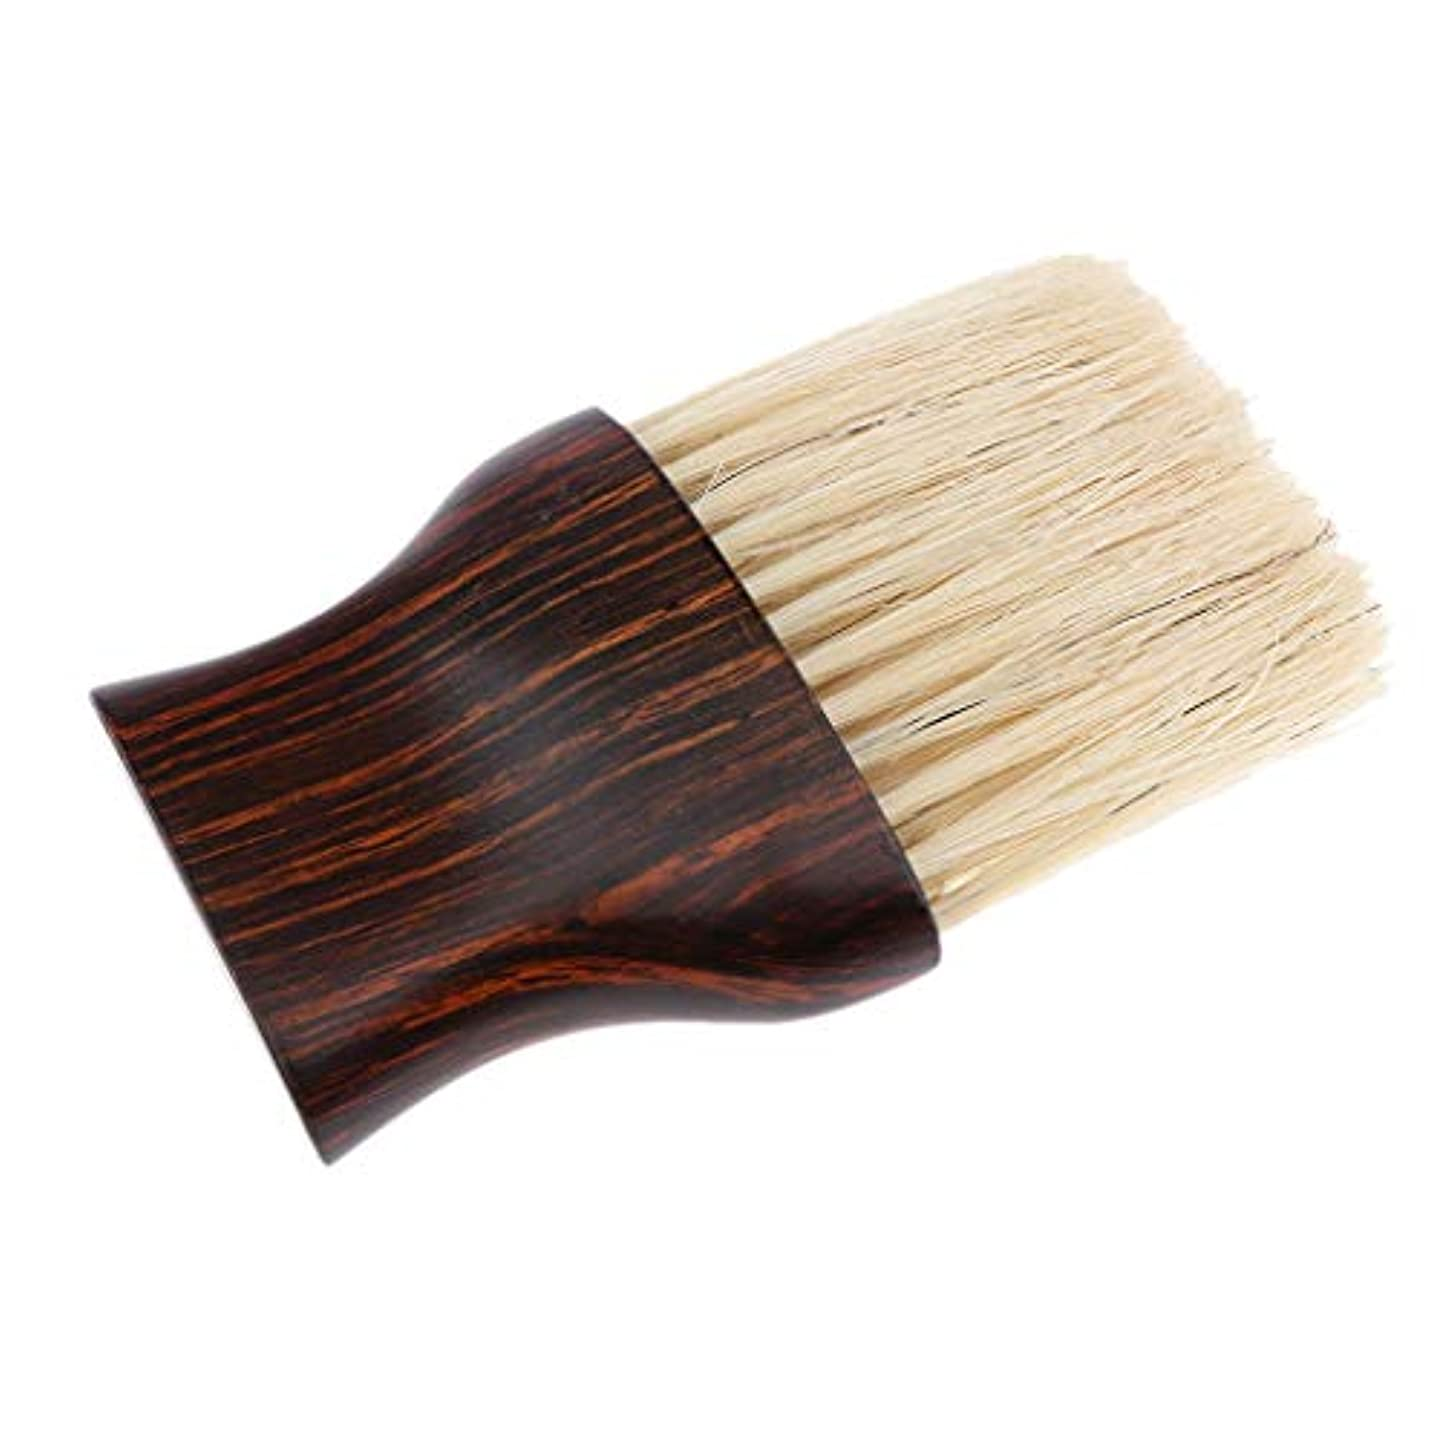 メニュー議題表面ネックダスターブラシ ヘアカットブラシ クリーニング ヘアブラシ 理髪美容ツール